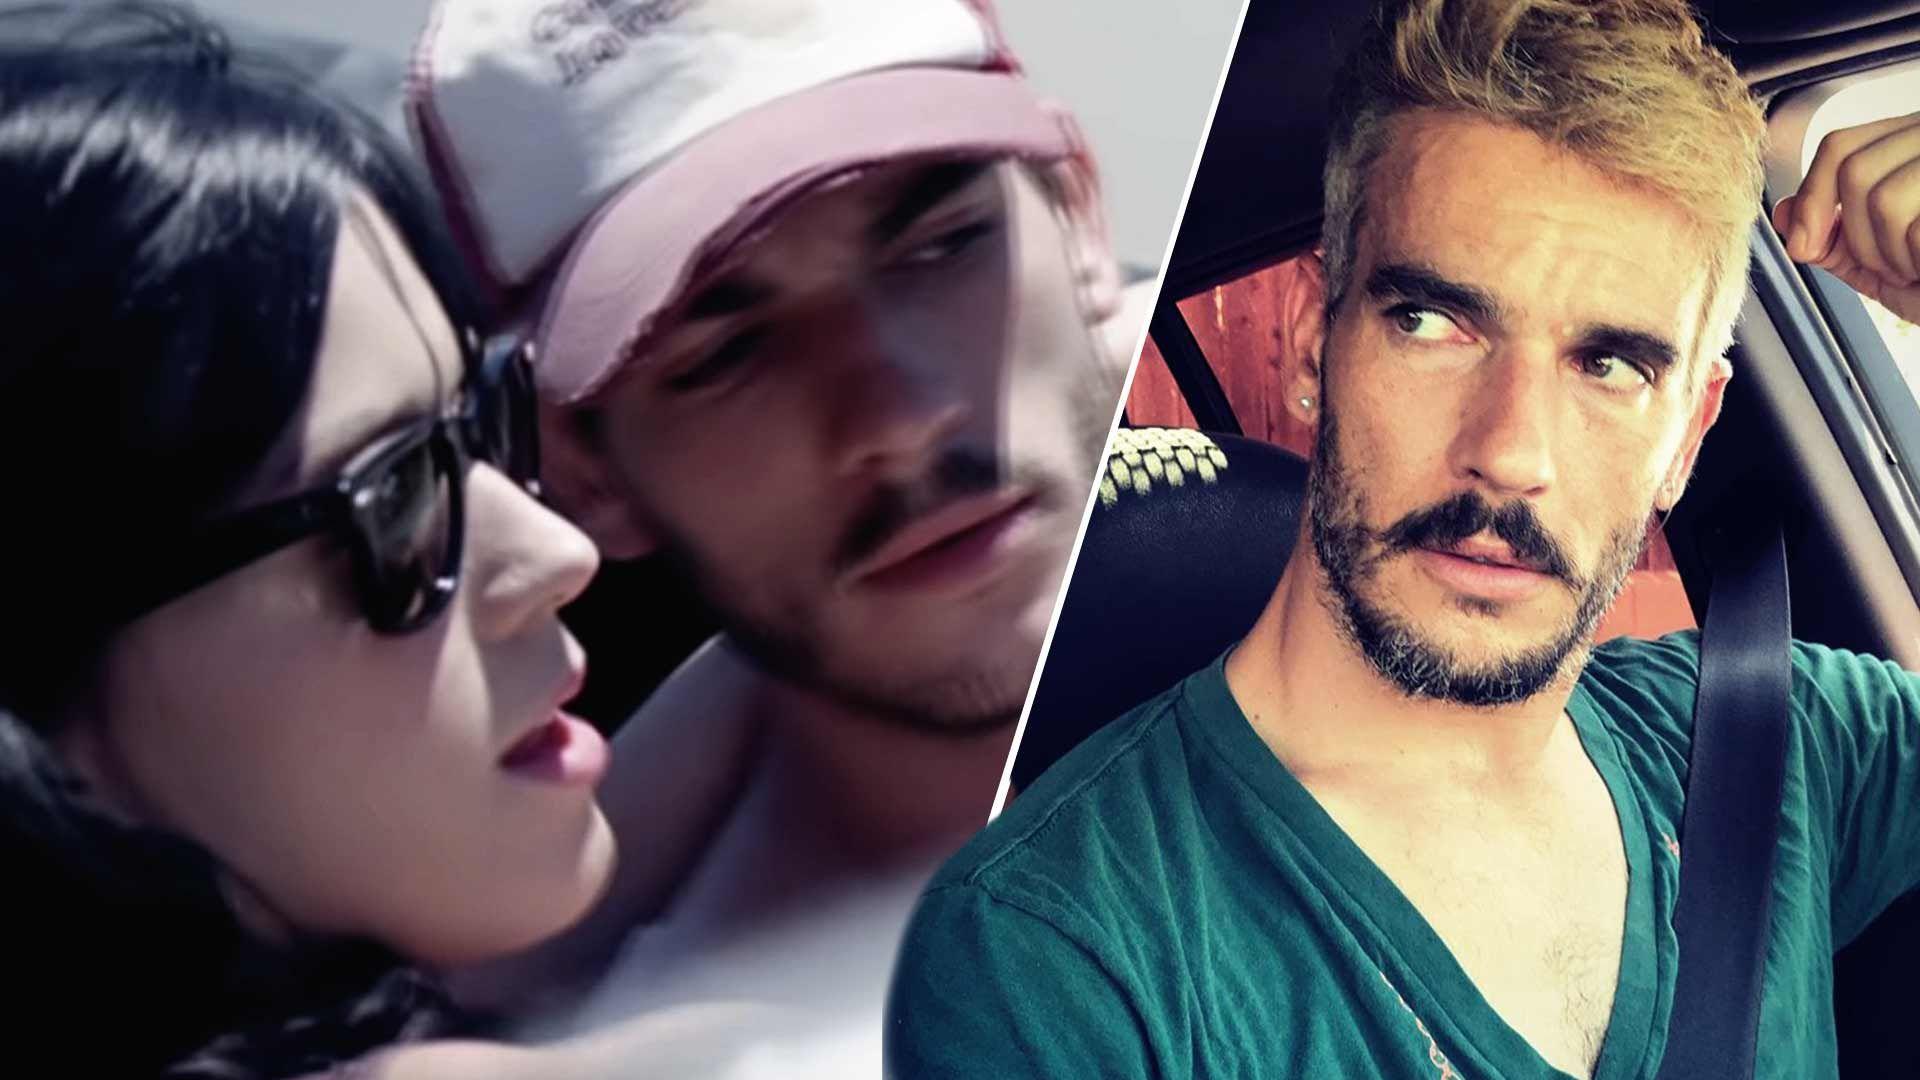 Josh and Katy